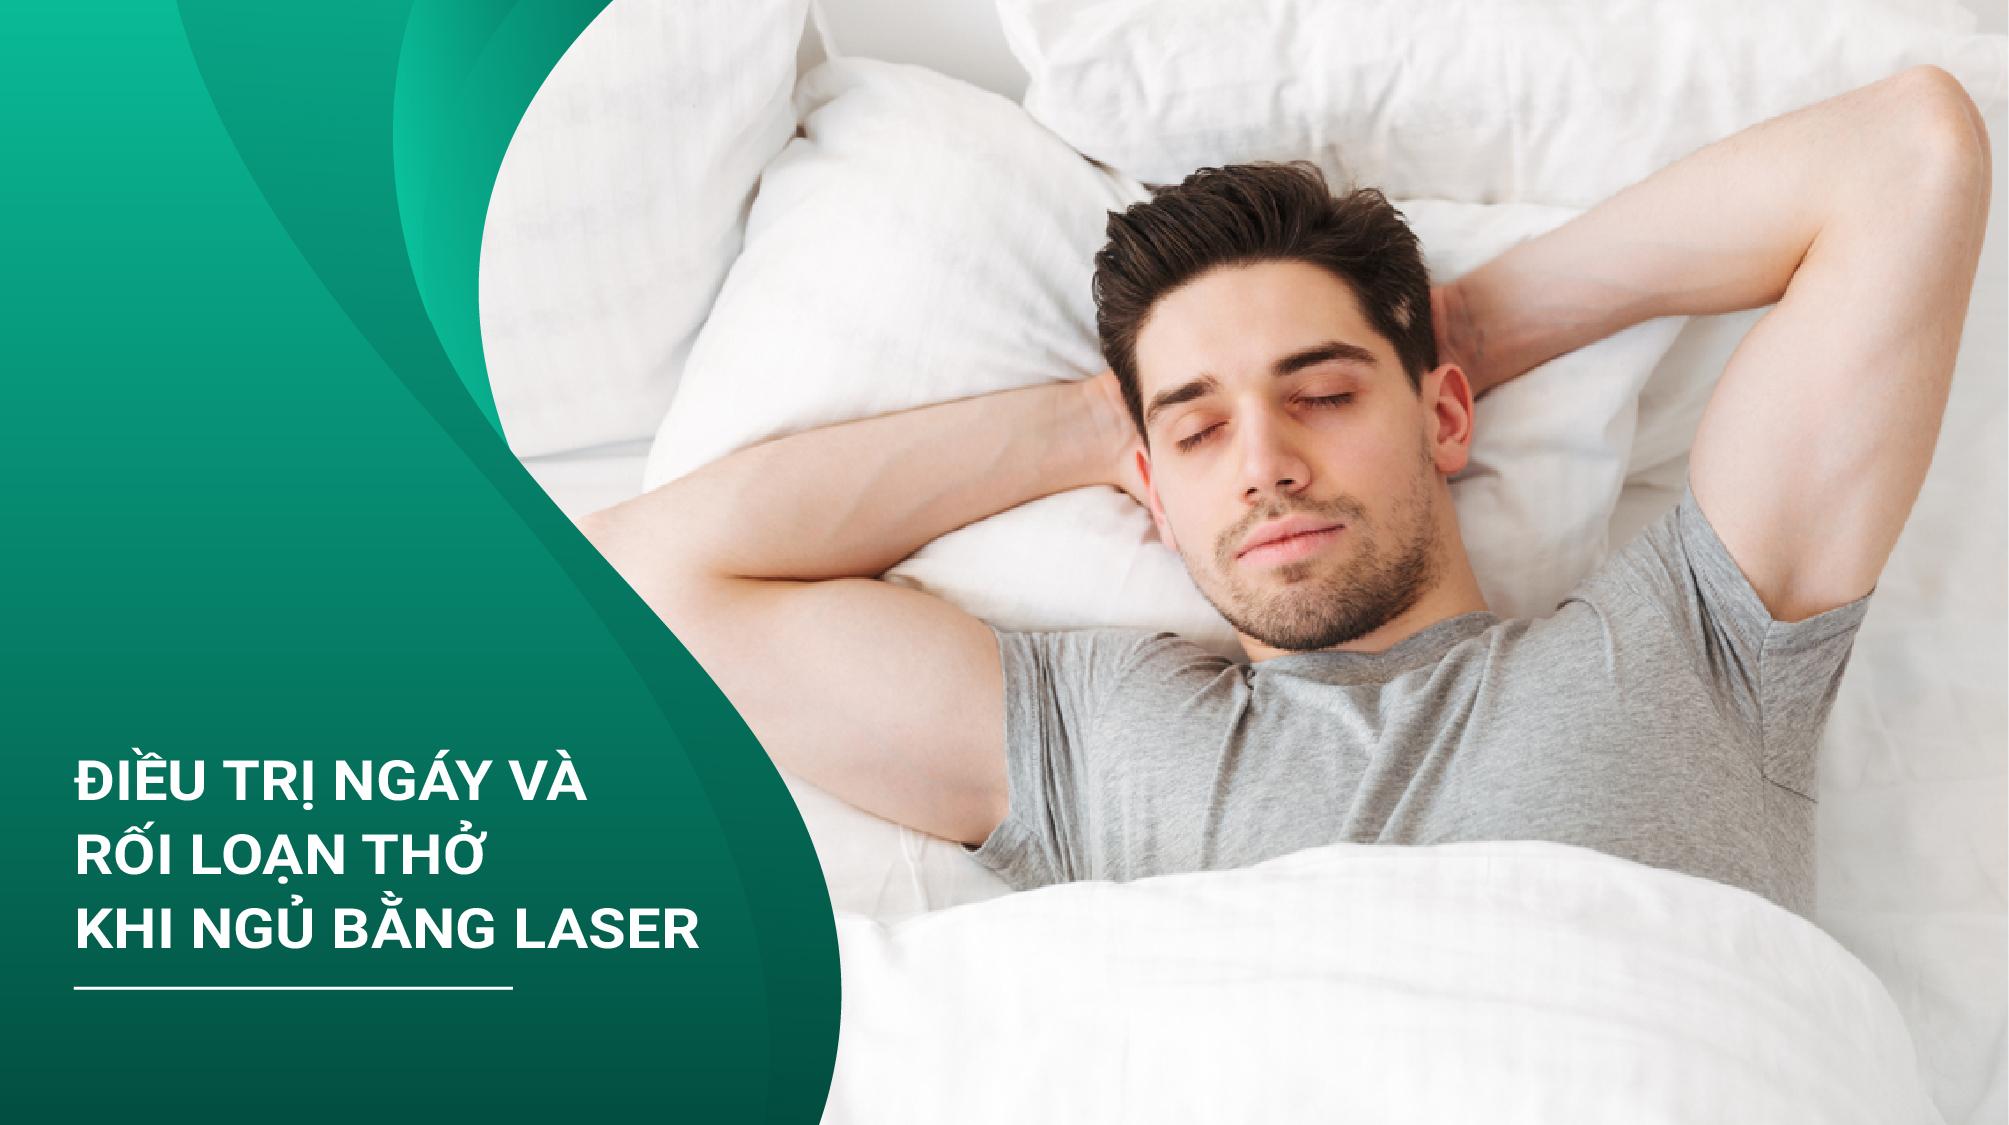 Điều Trị Ngáy Và Rối Loạn Thở Khi Ngủ Bằng Laser